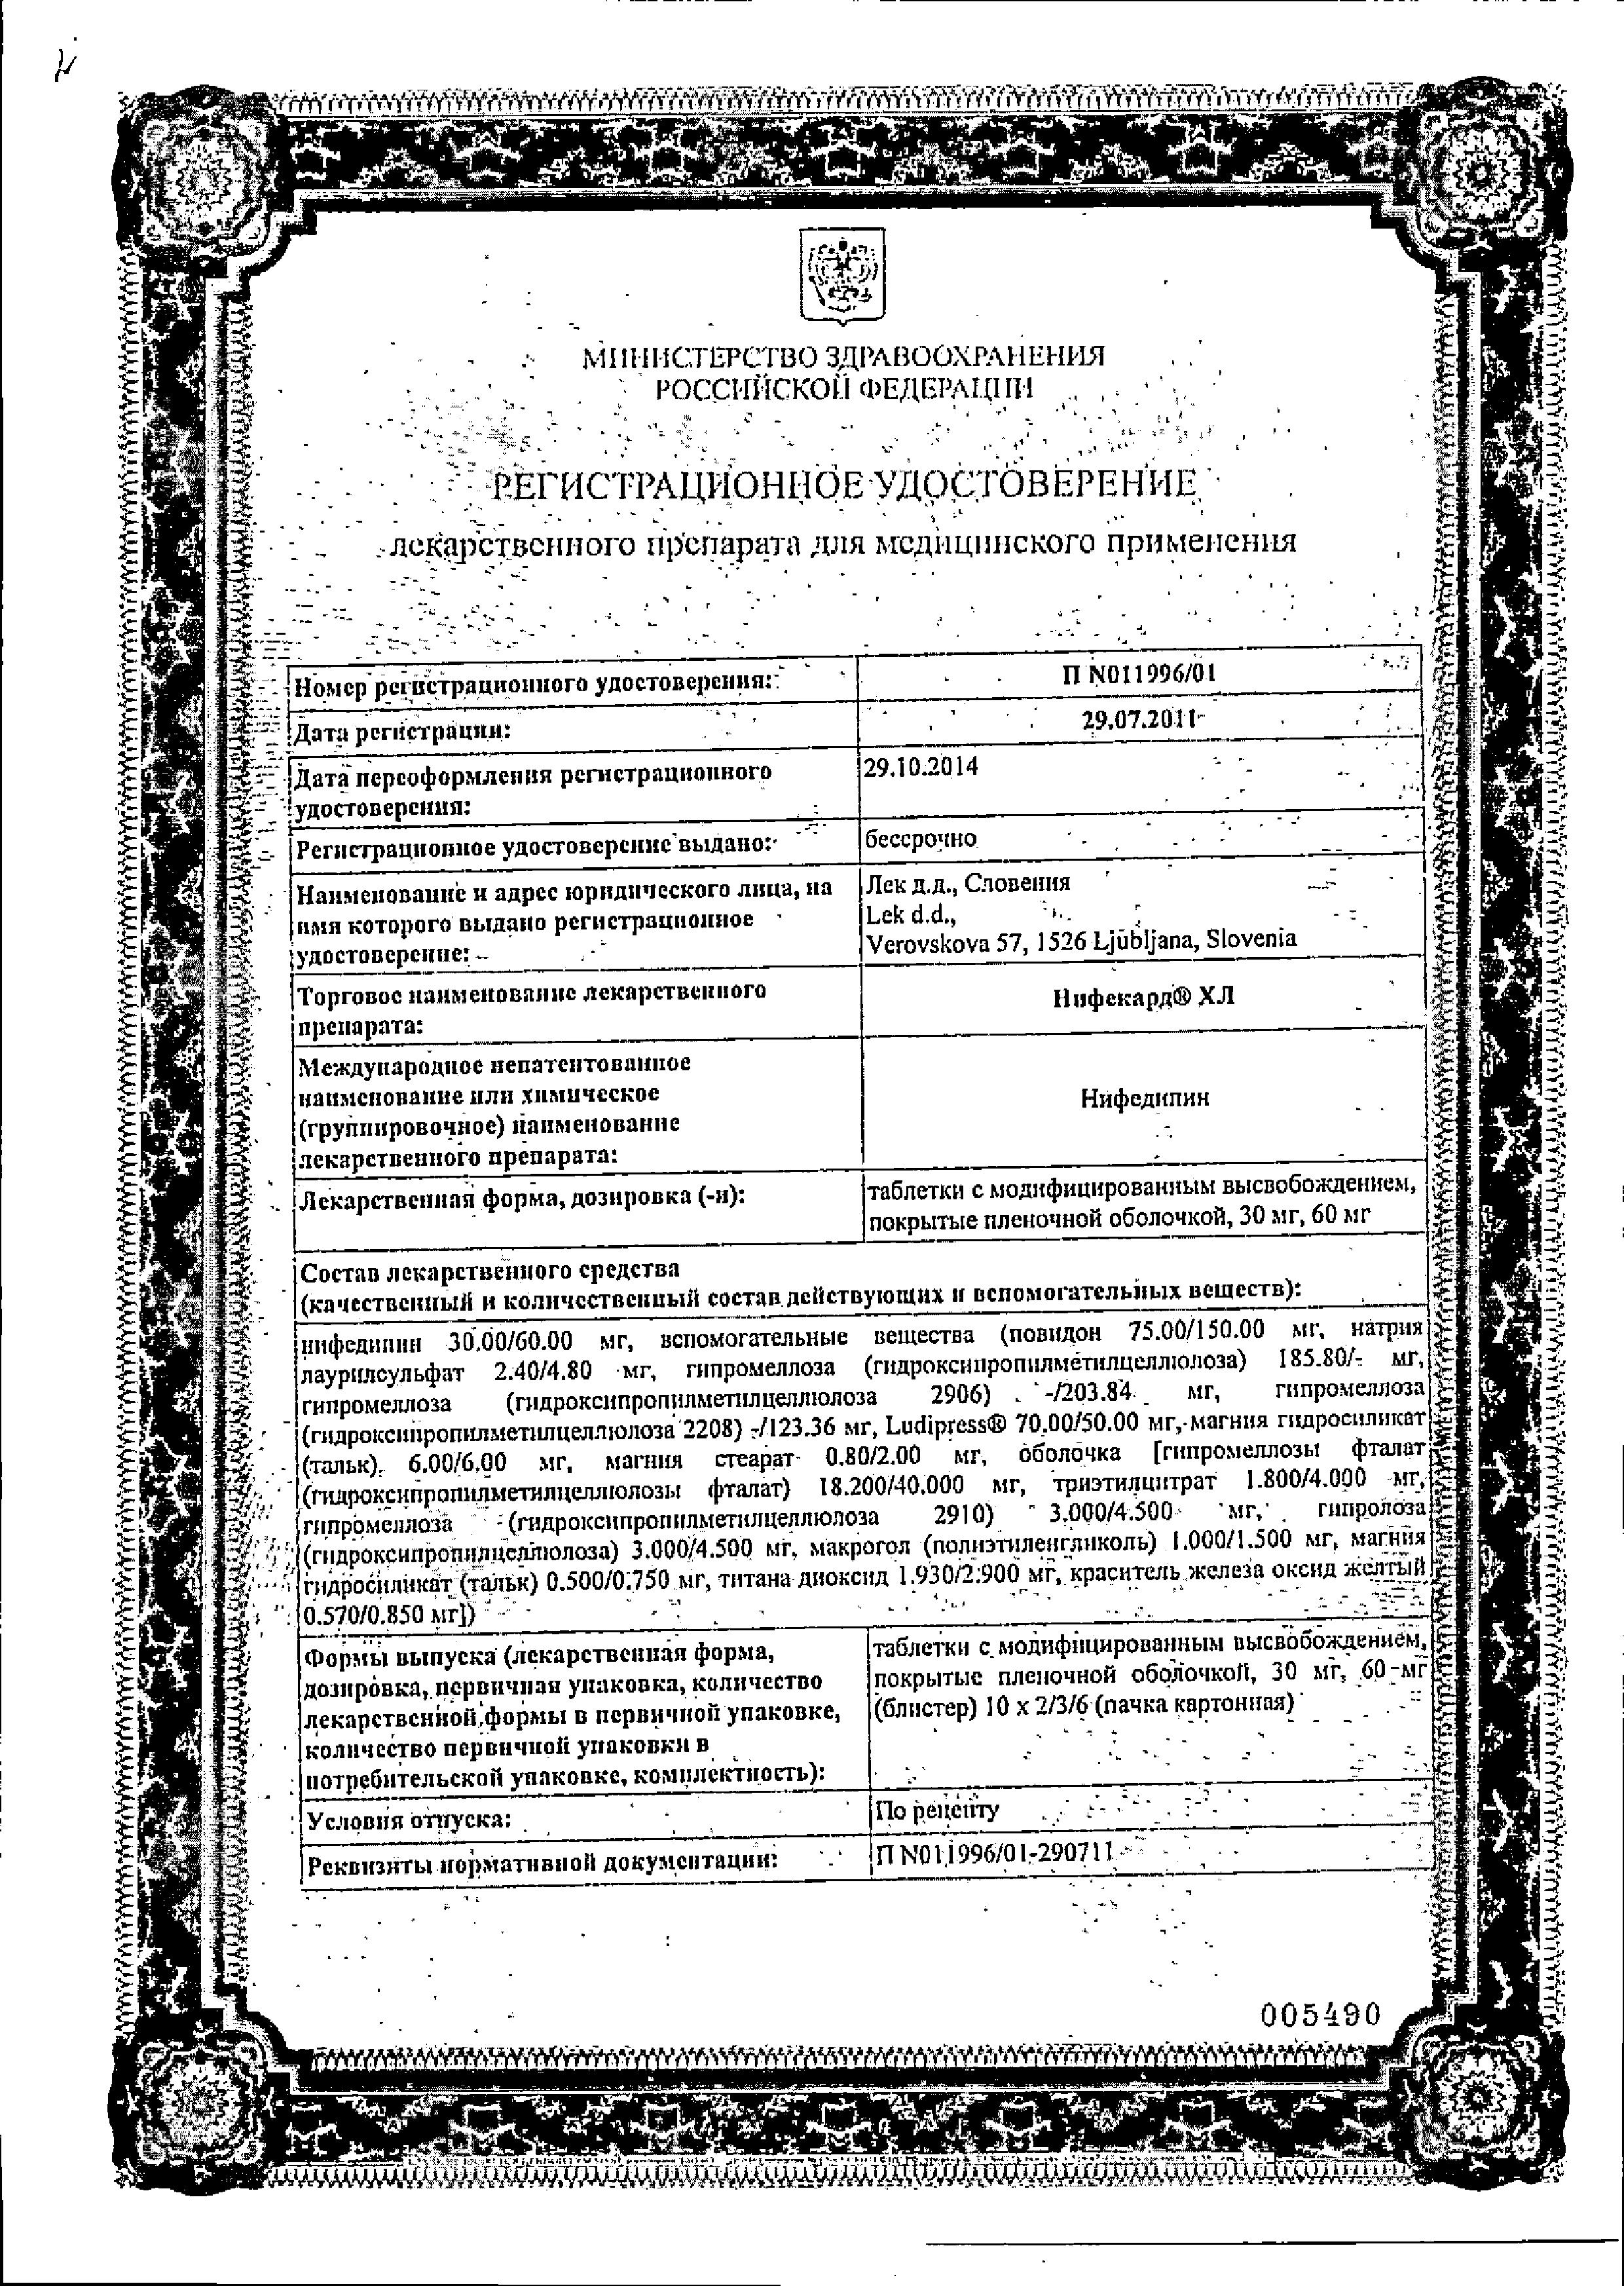 Нифекард ХЛ сертификат